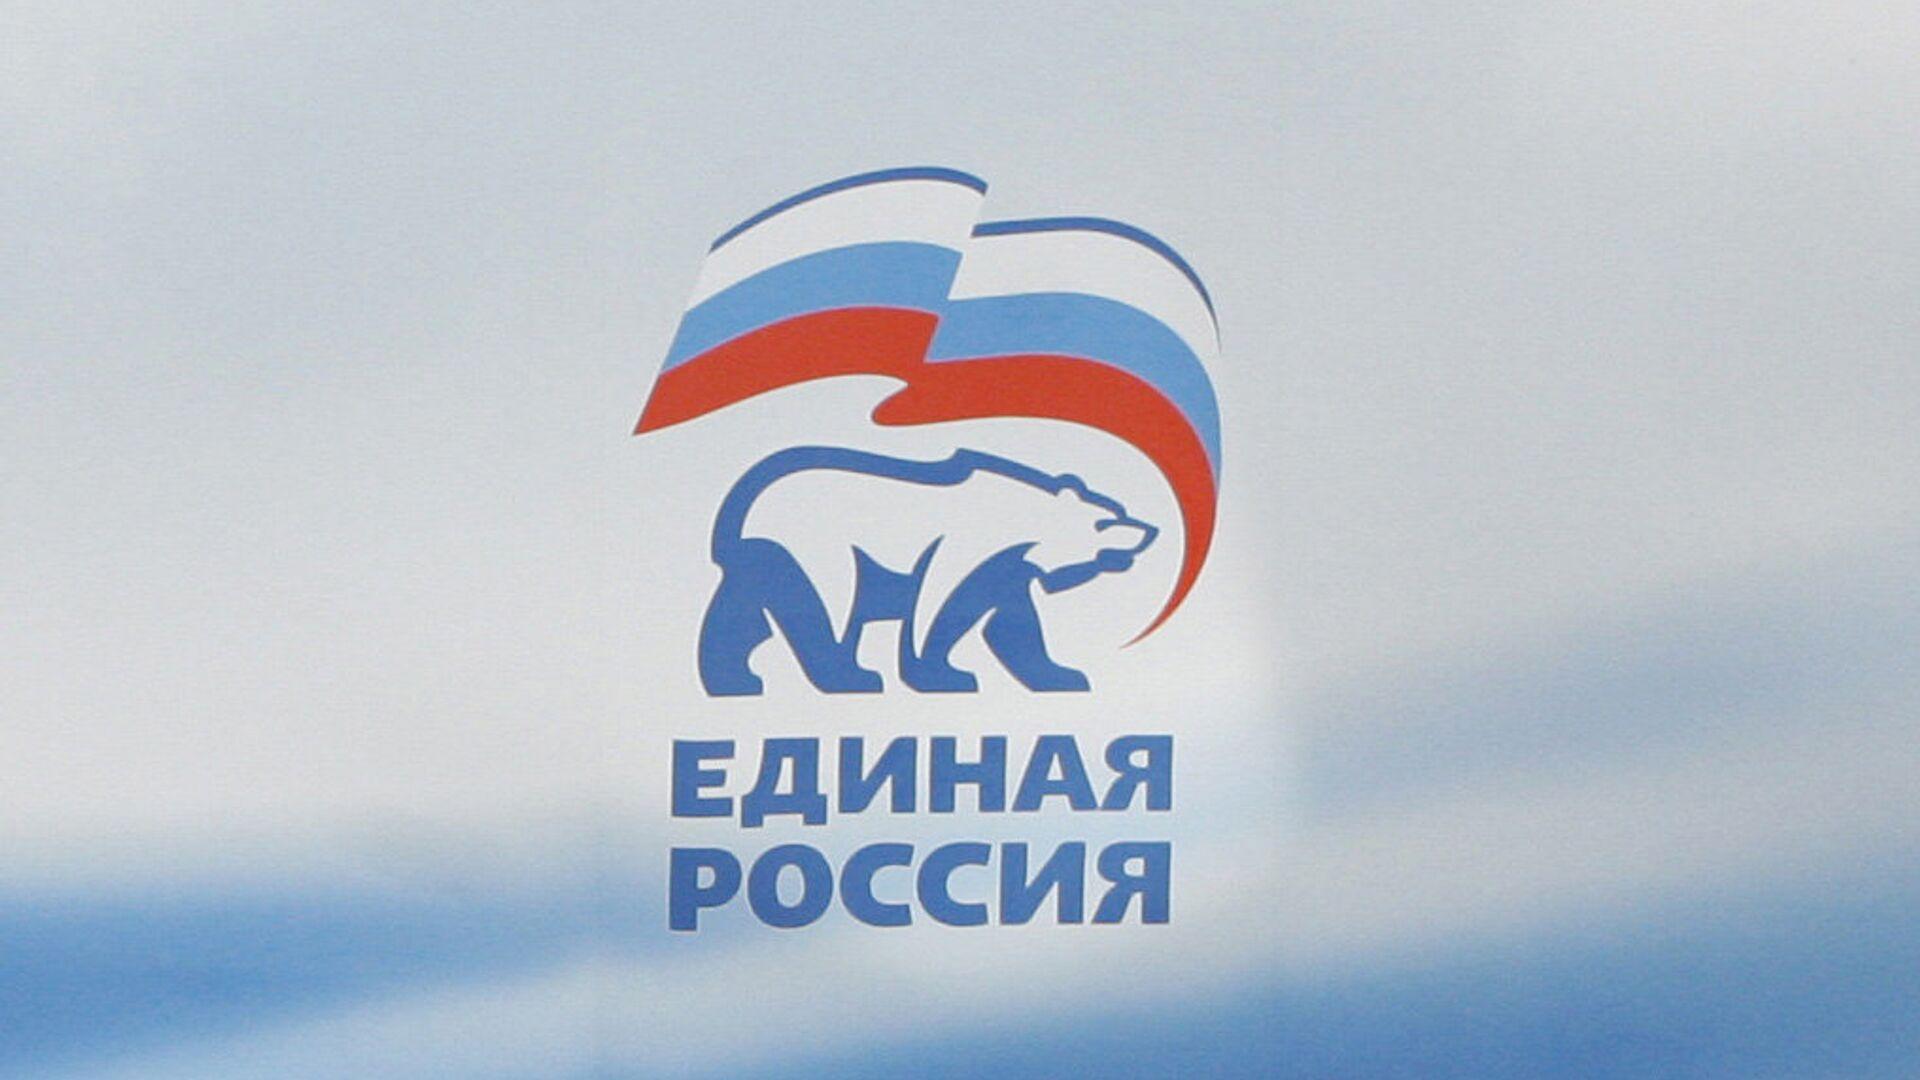 Члены Союза добровольцев Донбасса подали заявки на участие в праймериз ЕР